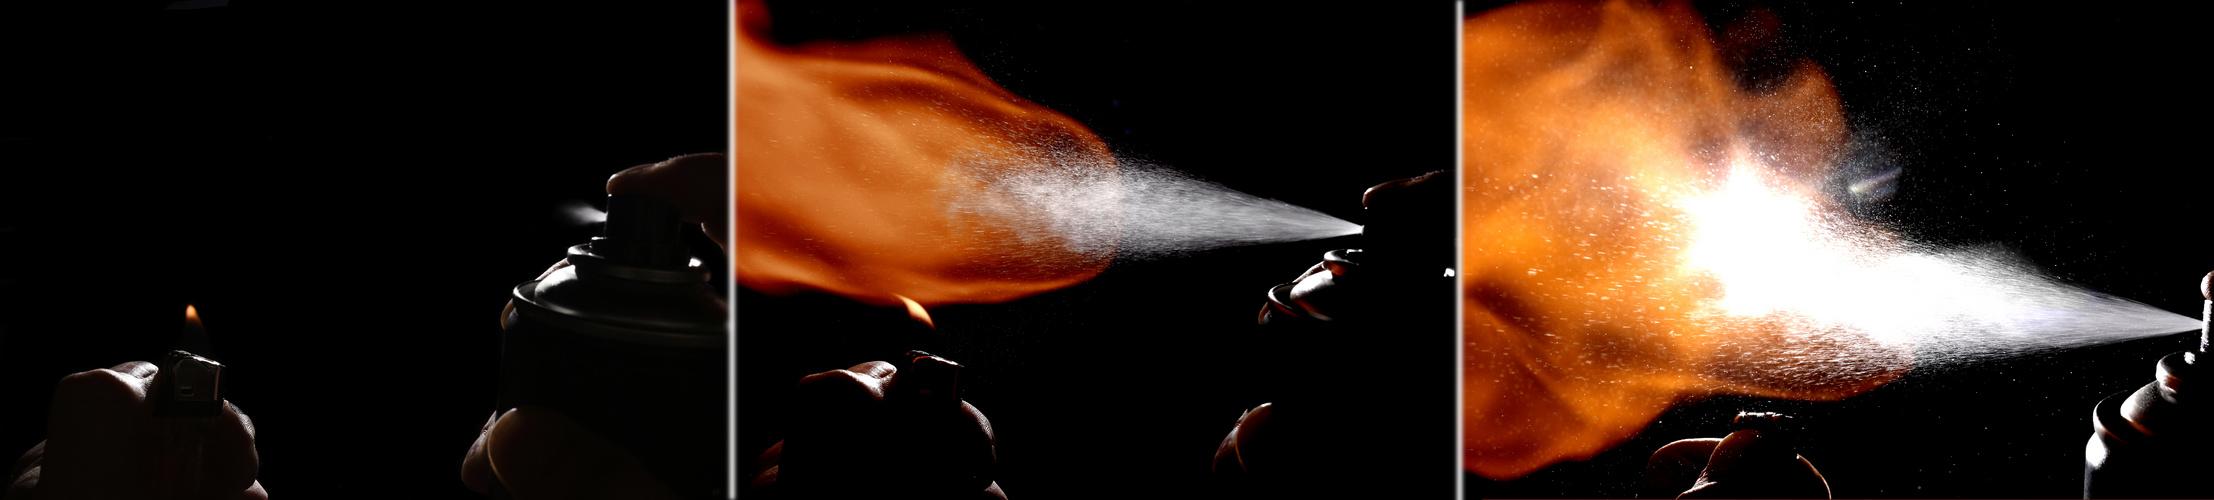 Flammenspeier